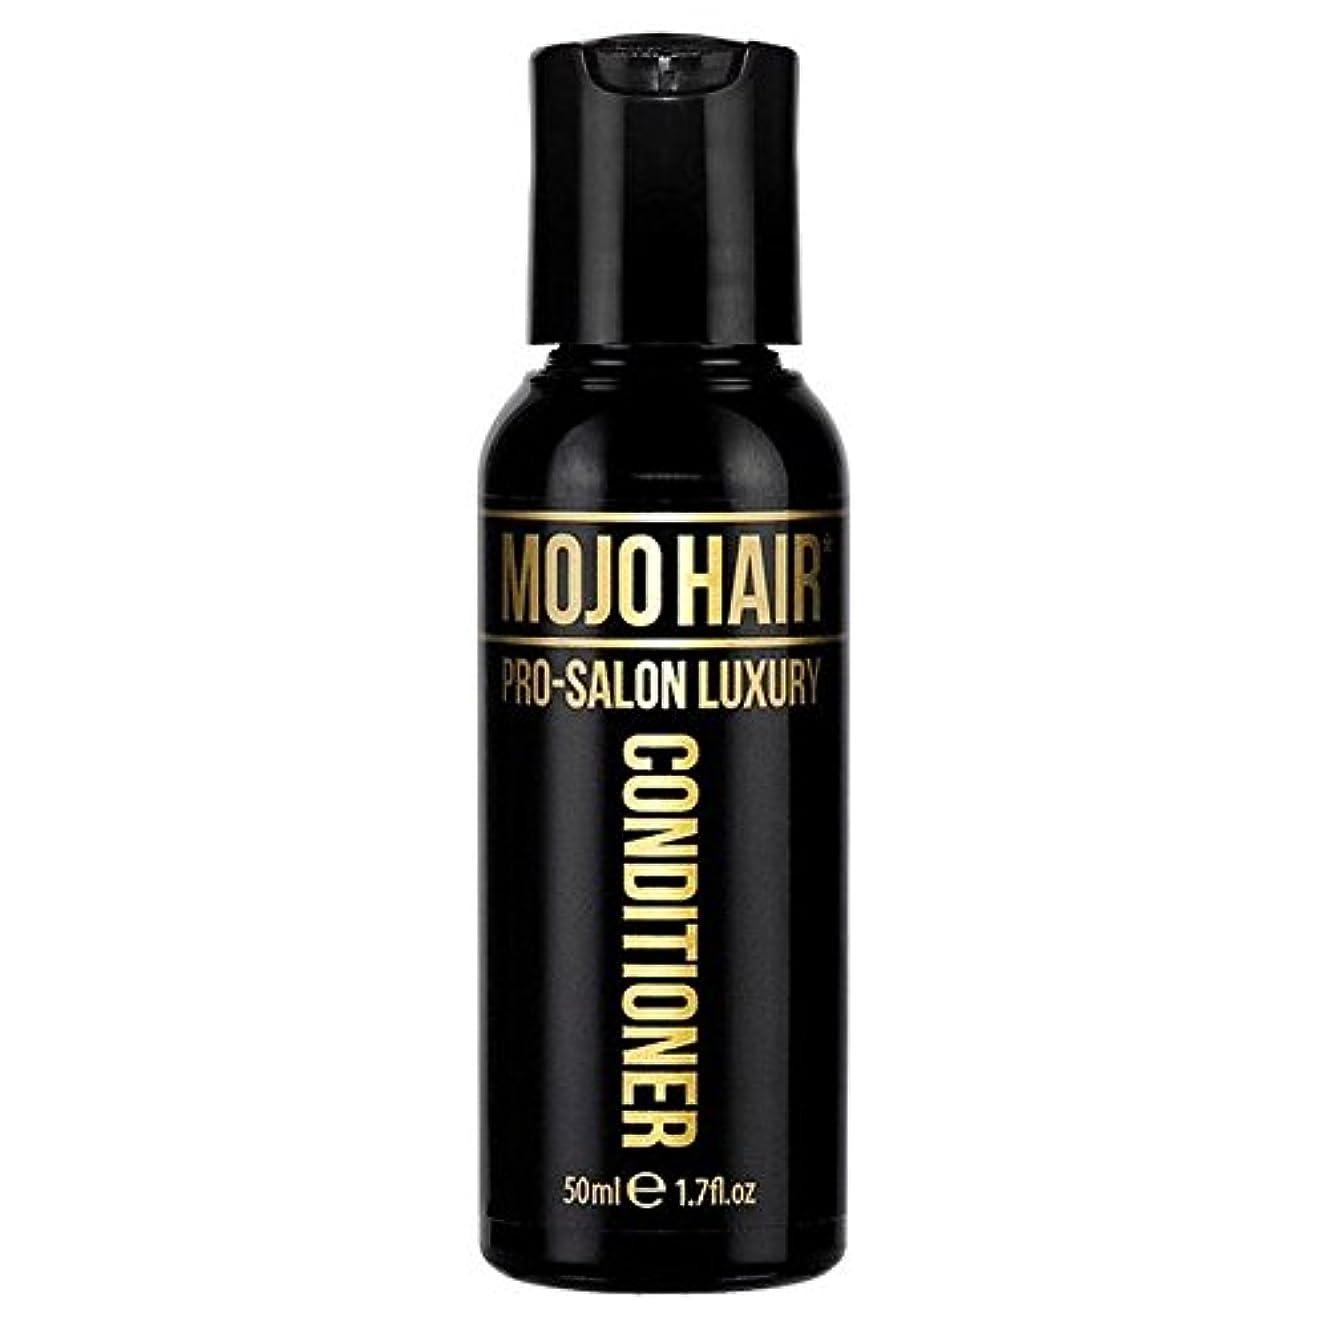 オリエンタル動かない破壊的MOJO HAIR Pro-Salon Luxury Fragrance Conditioner for Men, Travel Size 50ml - 男性のためのモジョの毛プロのサロンの贅沢な香りコンディショナー、トラベルサイズ...